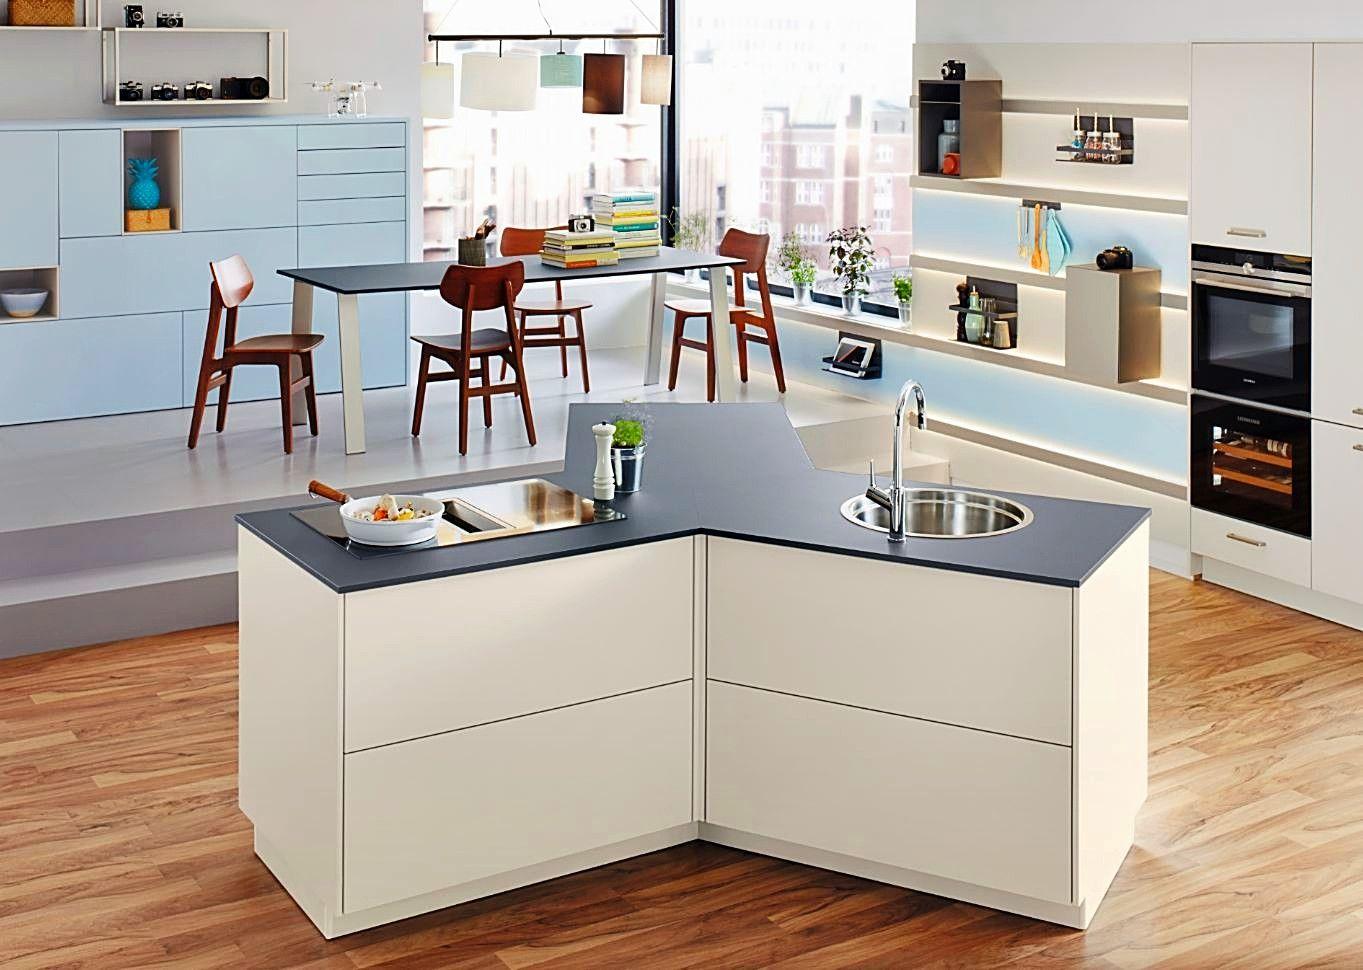 Grifflose Küche New Grifflose Kueche Erfahrung Vor Und